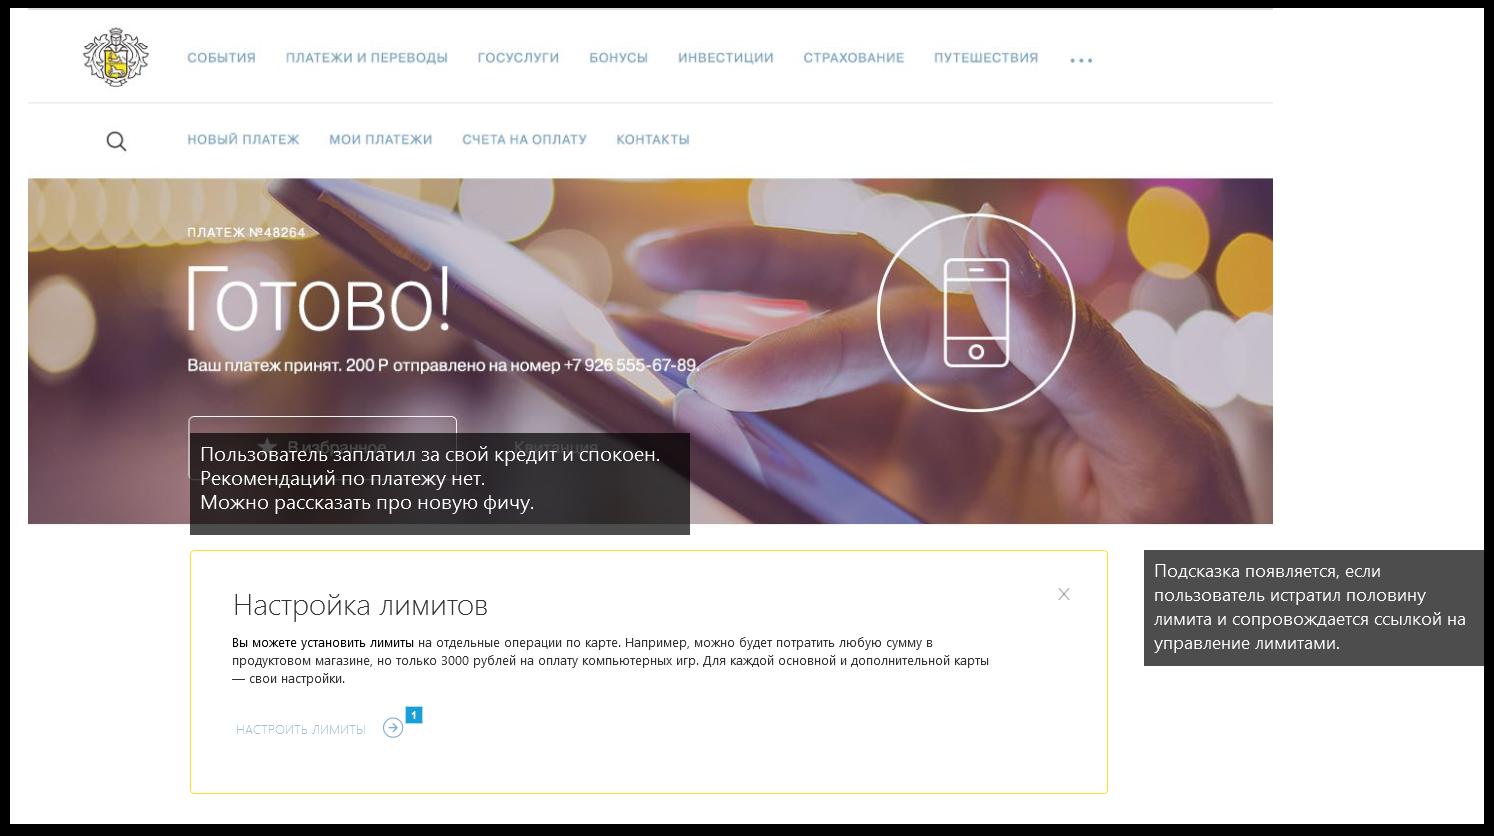 Всплывающие подсказки, зависящие от действия пользователя | Sobakapav.ru